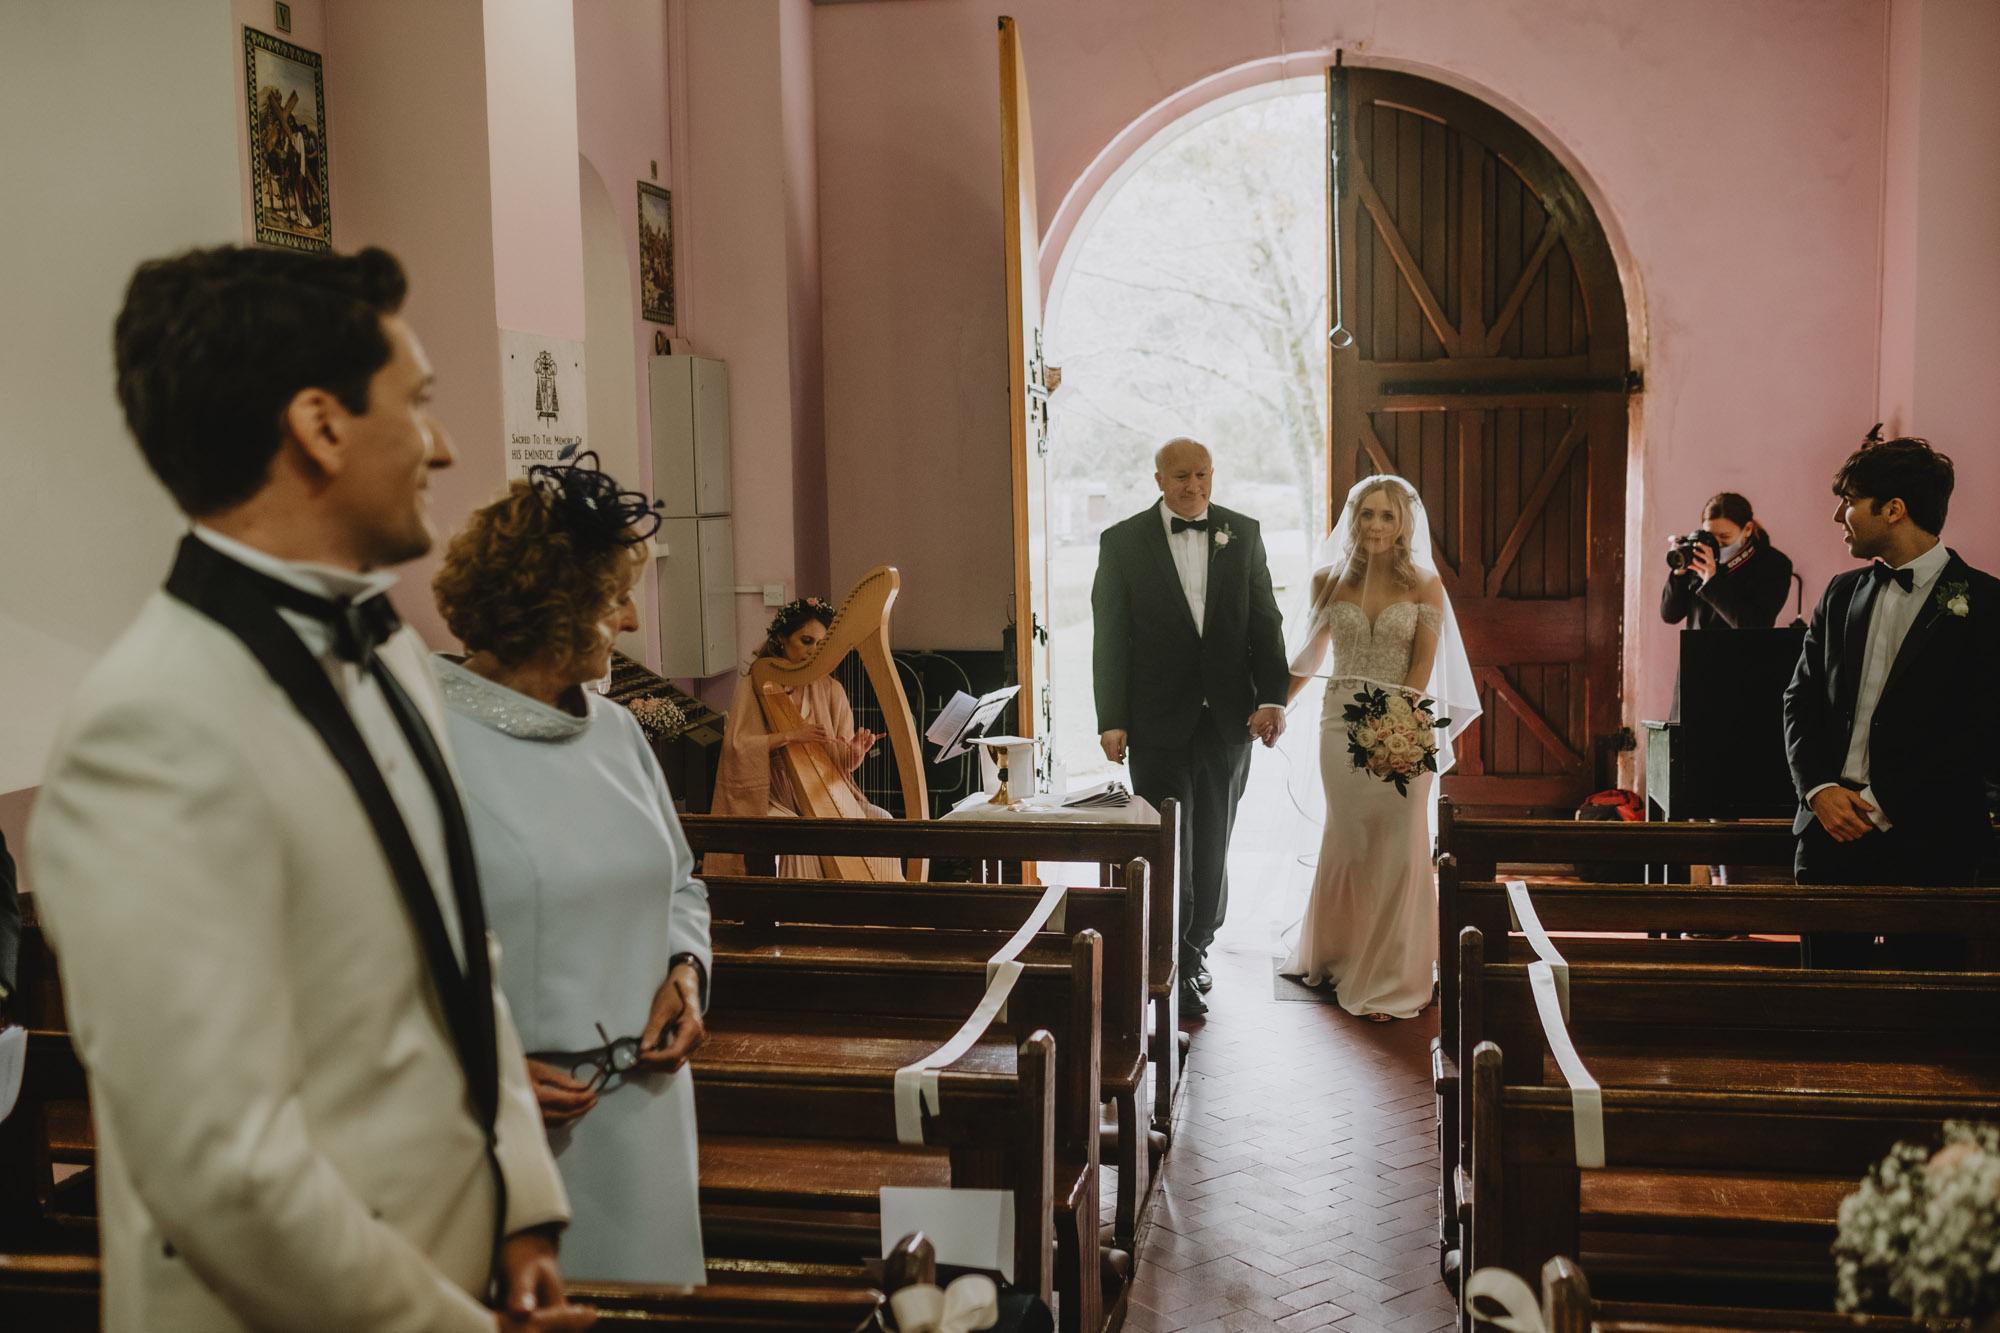 Gougane Barra wedding 11